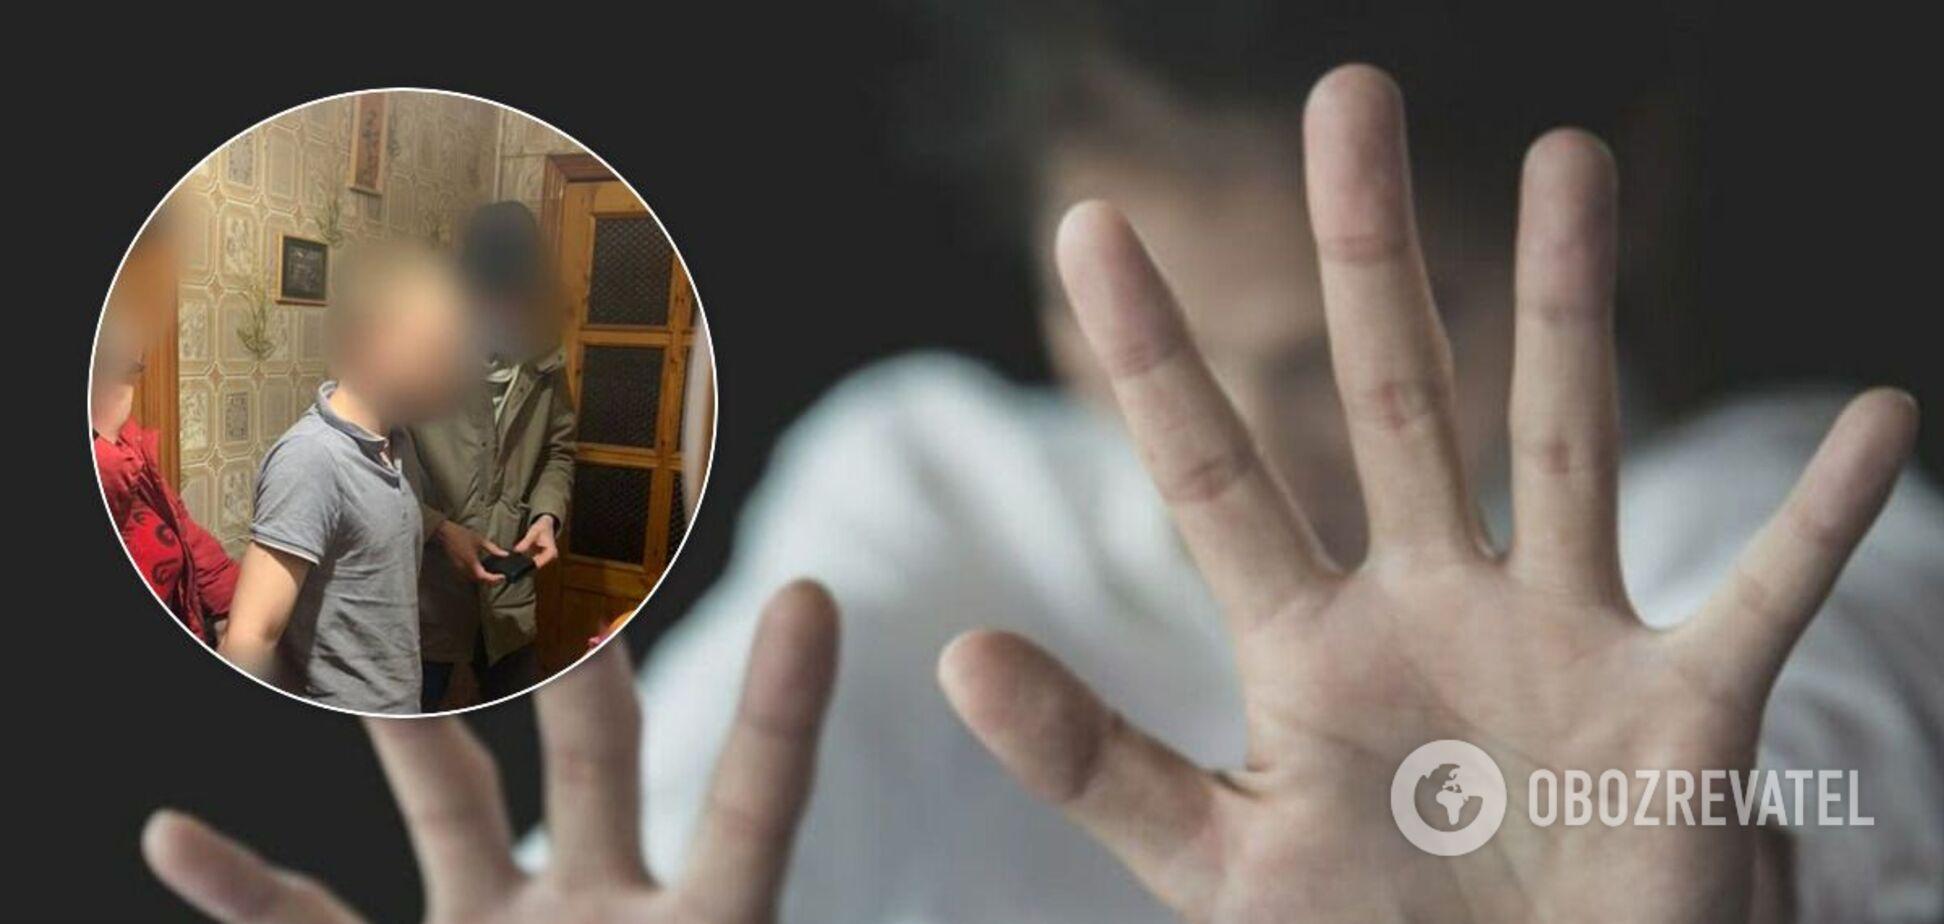 Мешканець Маріуполя підозрюється у зґвалтуванні неповнолітнього хлопця